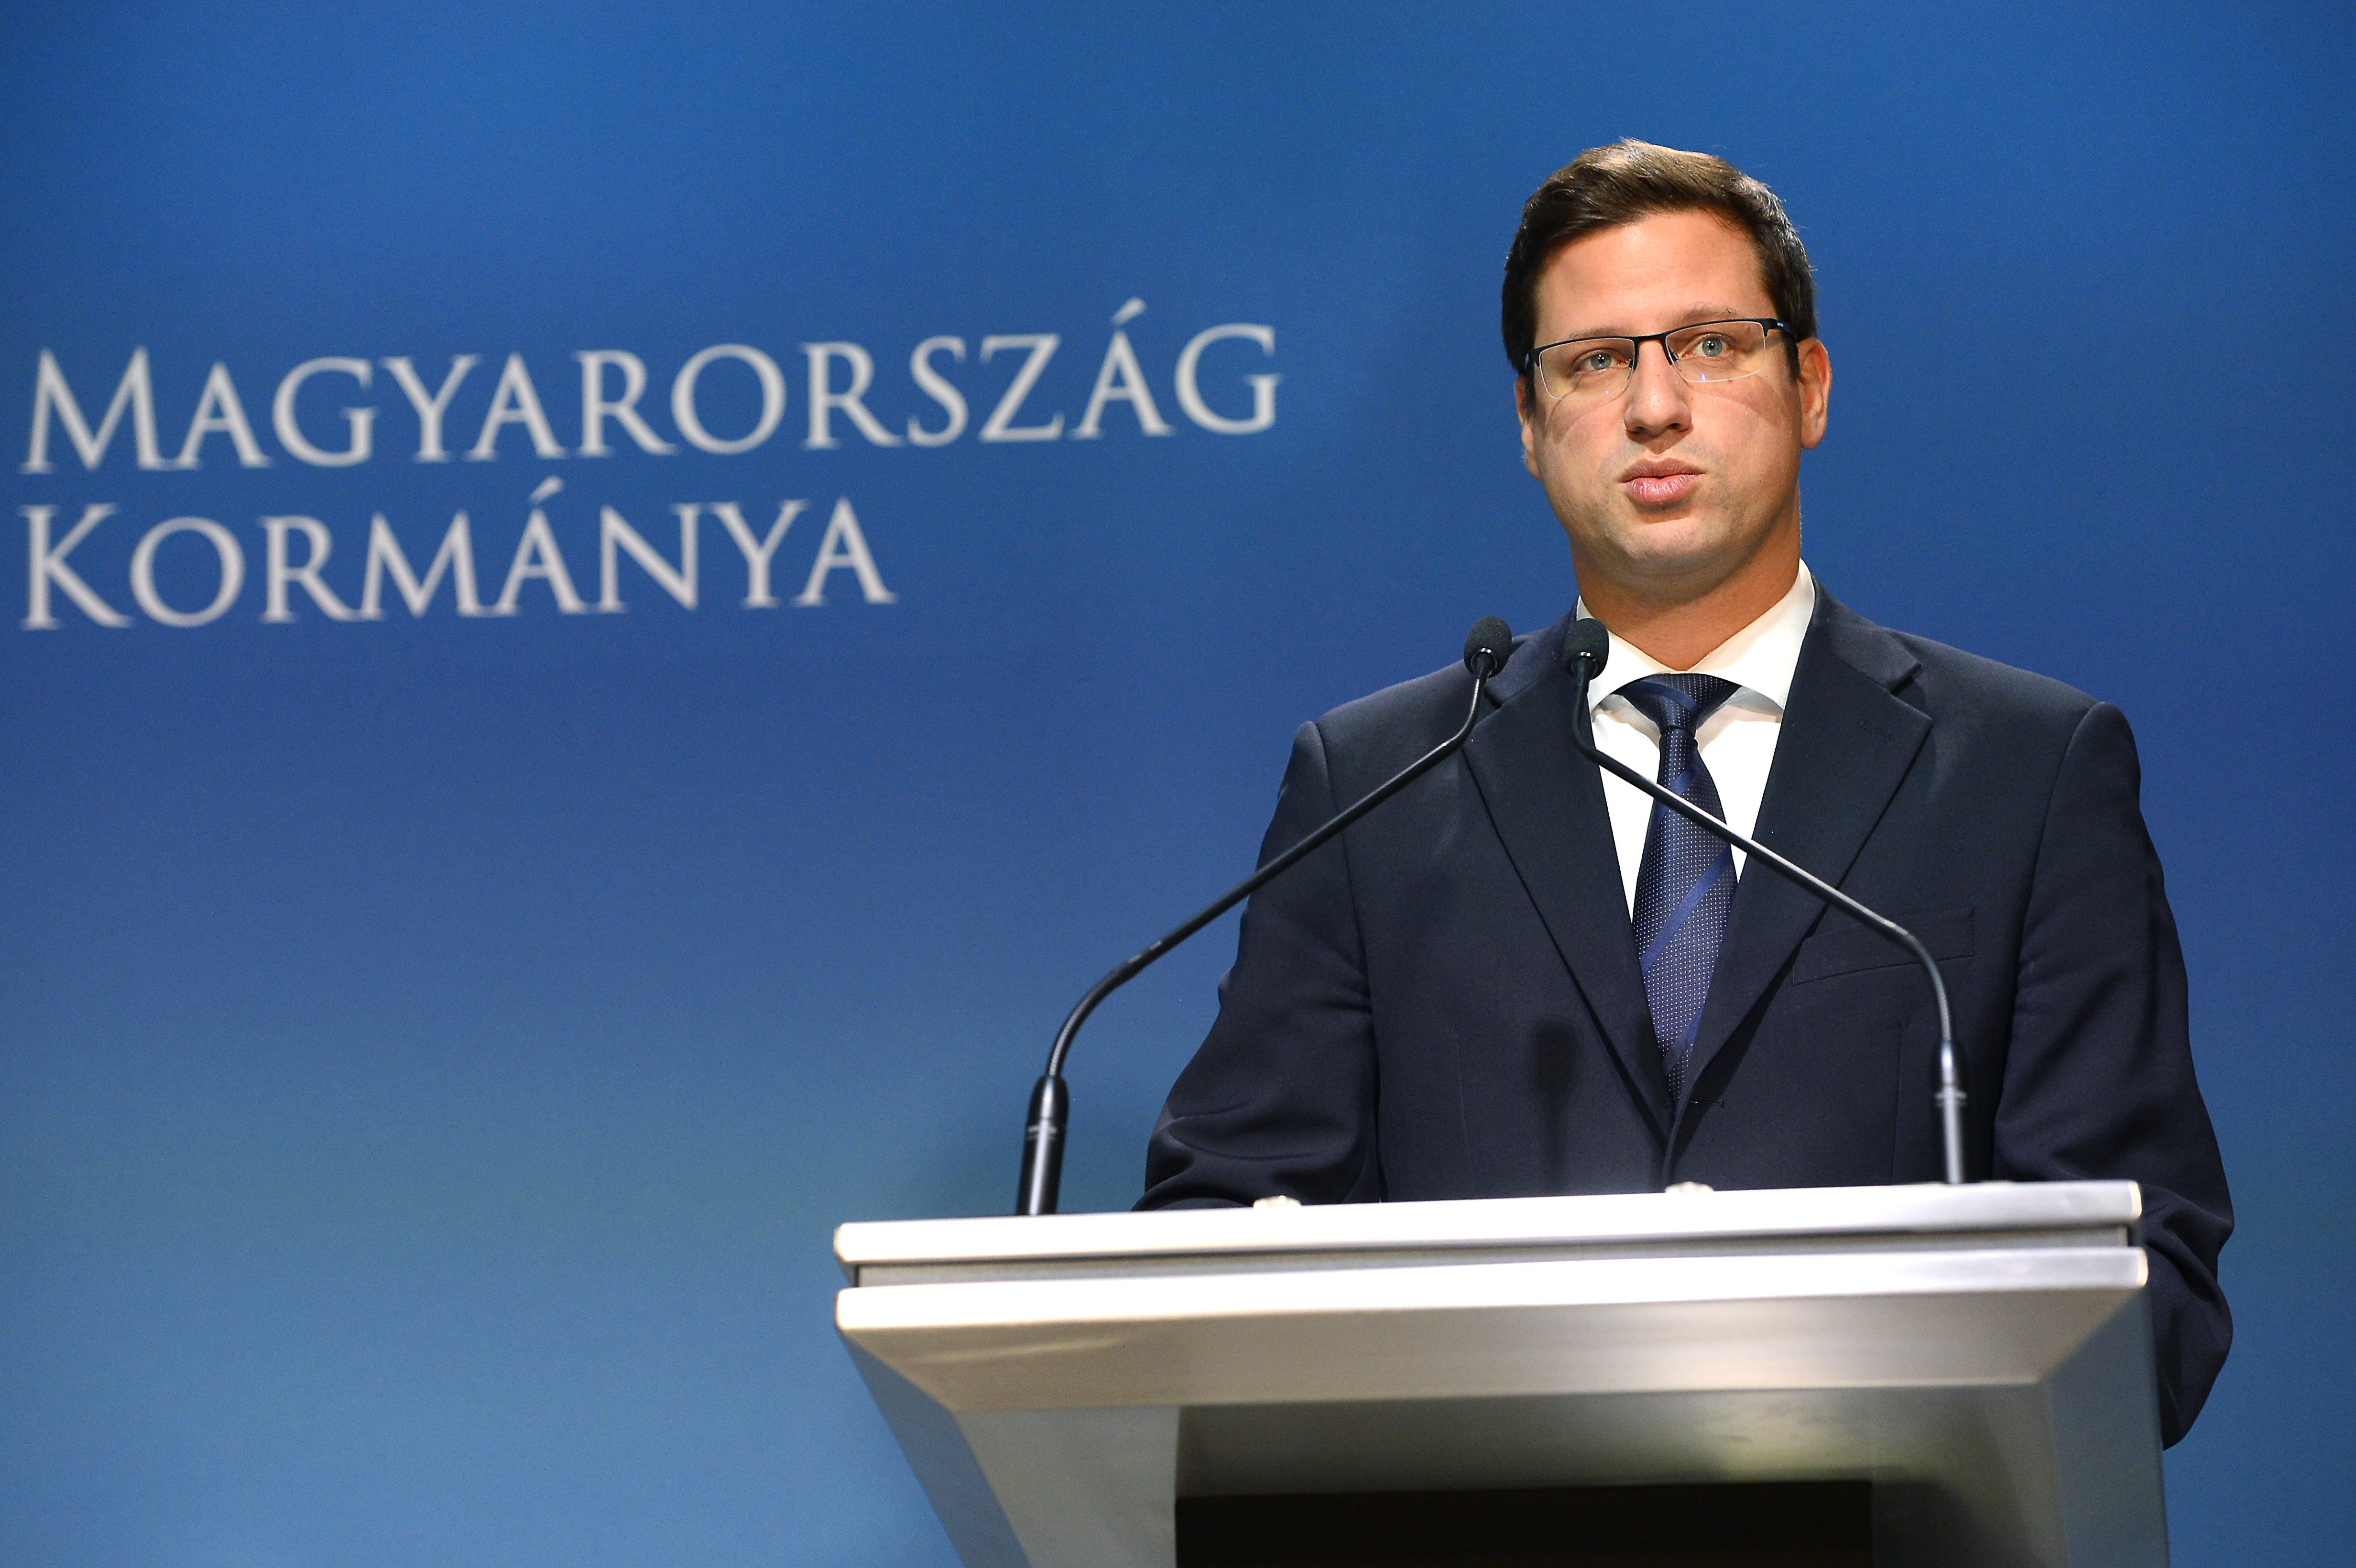 Gergely Gulyás weist die Korruptionsvorwürfe gegen Viktor Orbán als Verleumdung zurück post's picture